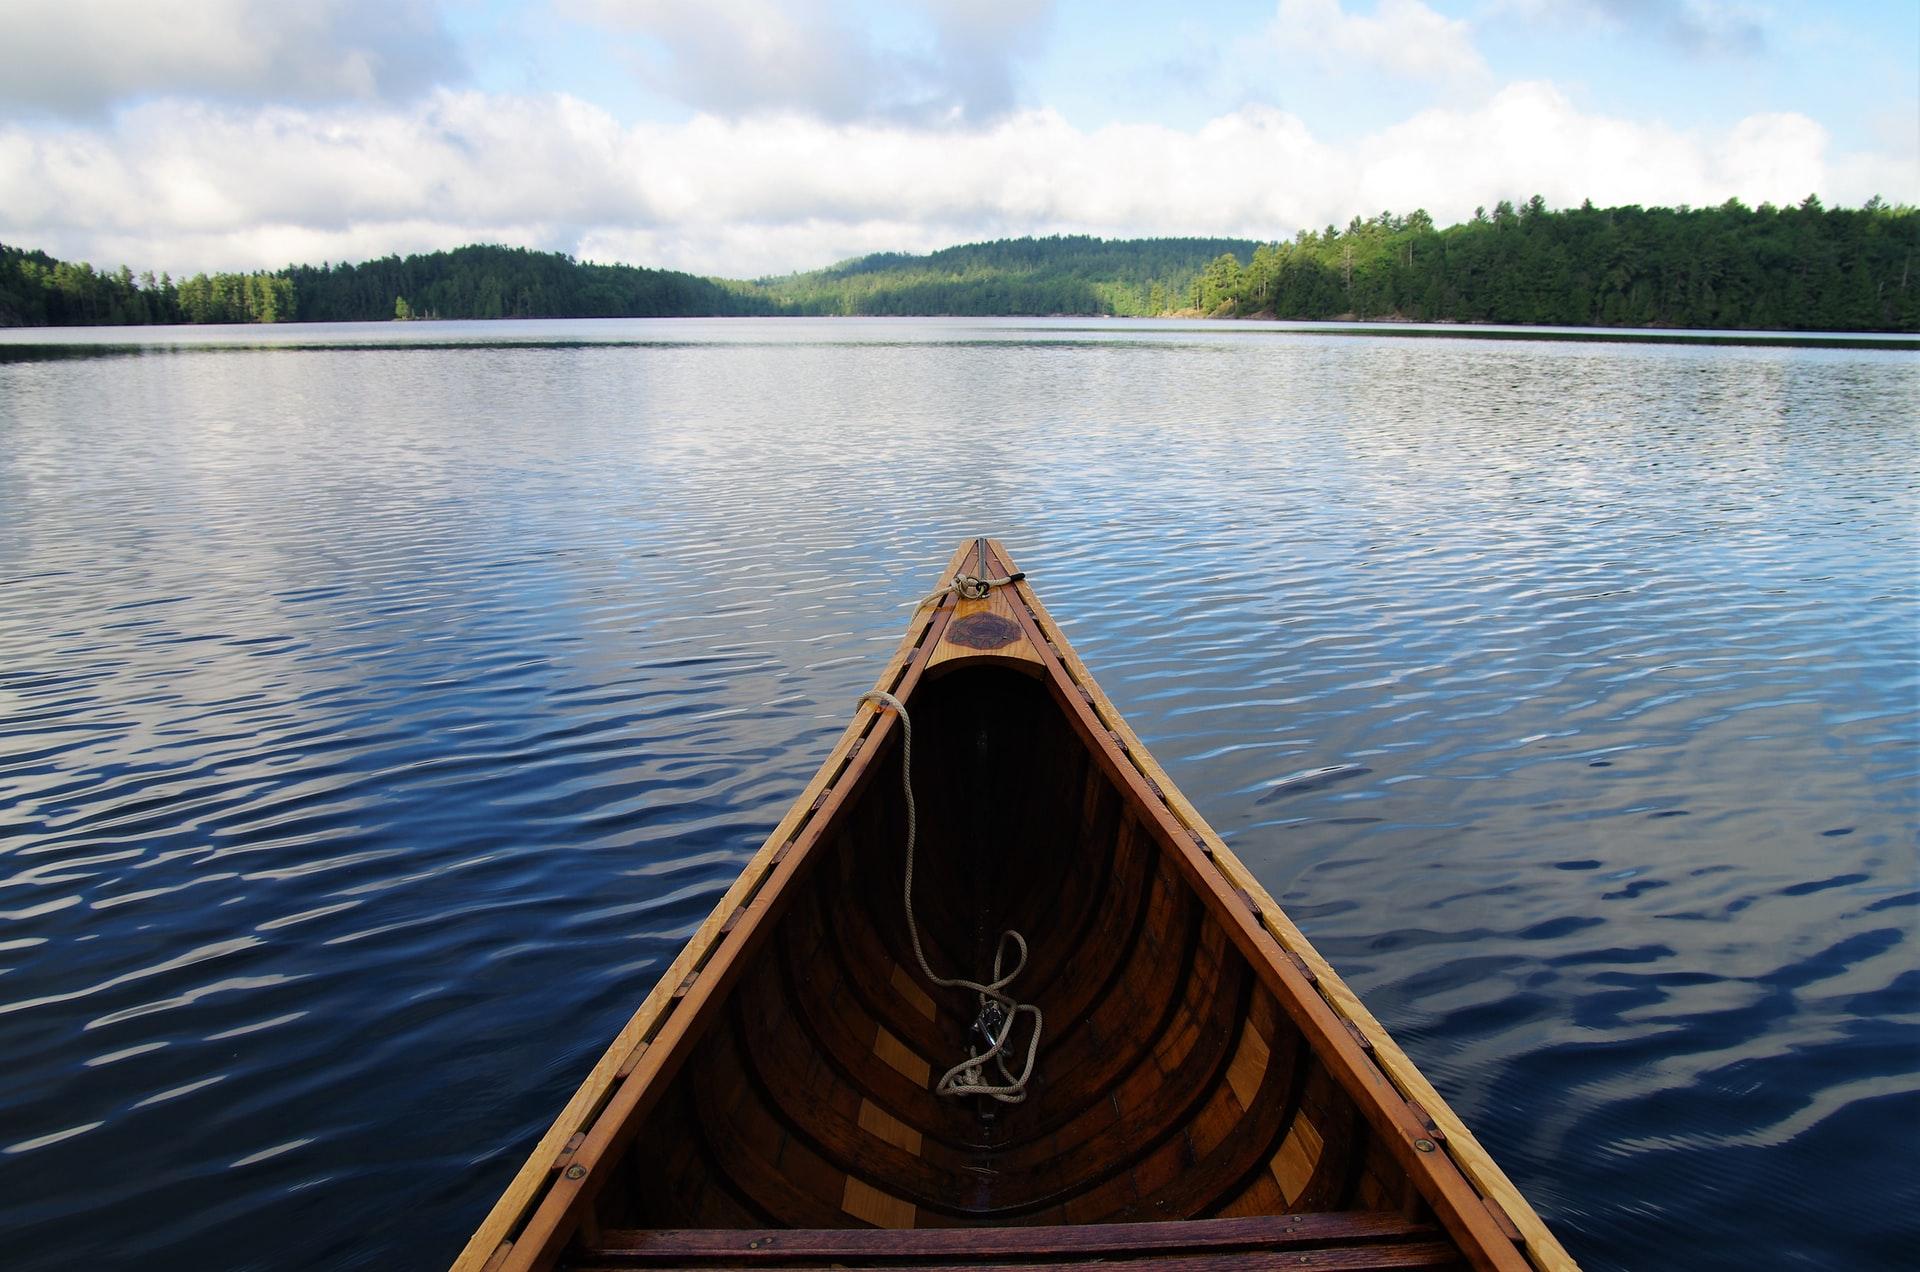 Rent Paddleboards, Kakays and Canoes at Key Bridge Boathouse